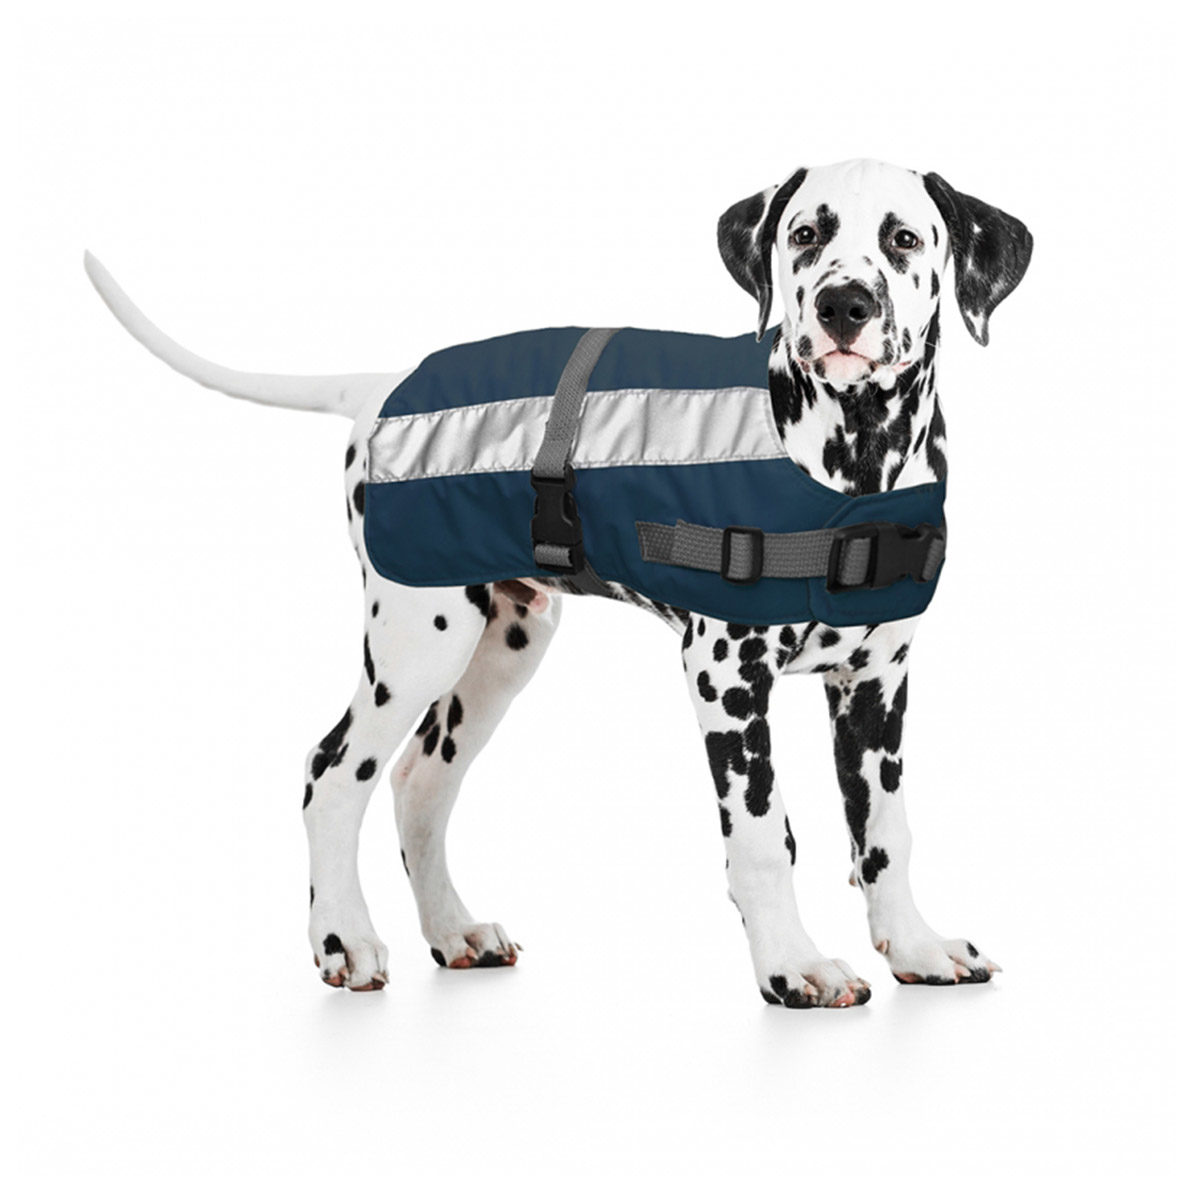 Duvo+ Flectalon Hi Vis Honden Jack Ruglengte 75 cm Blauw - in Reflectie & Verlichting